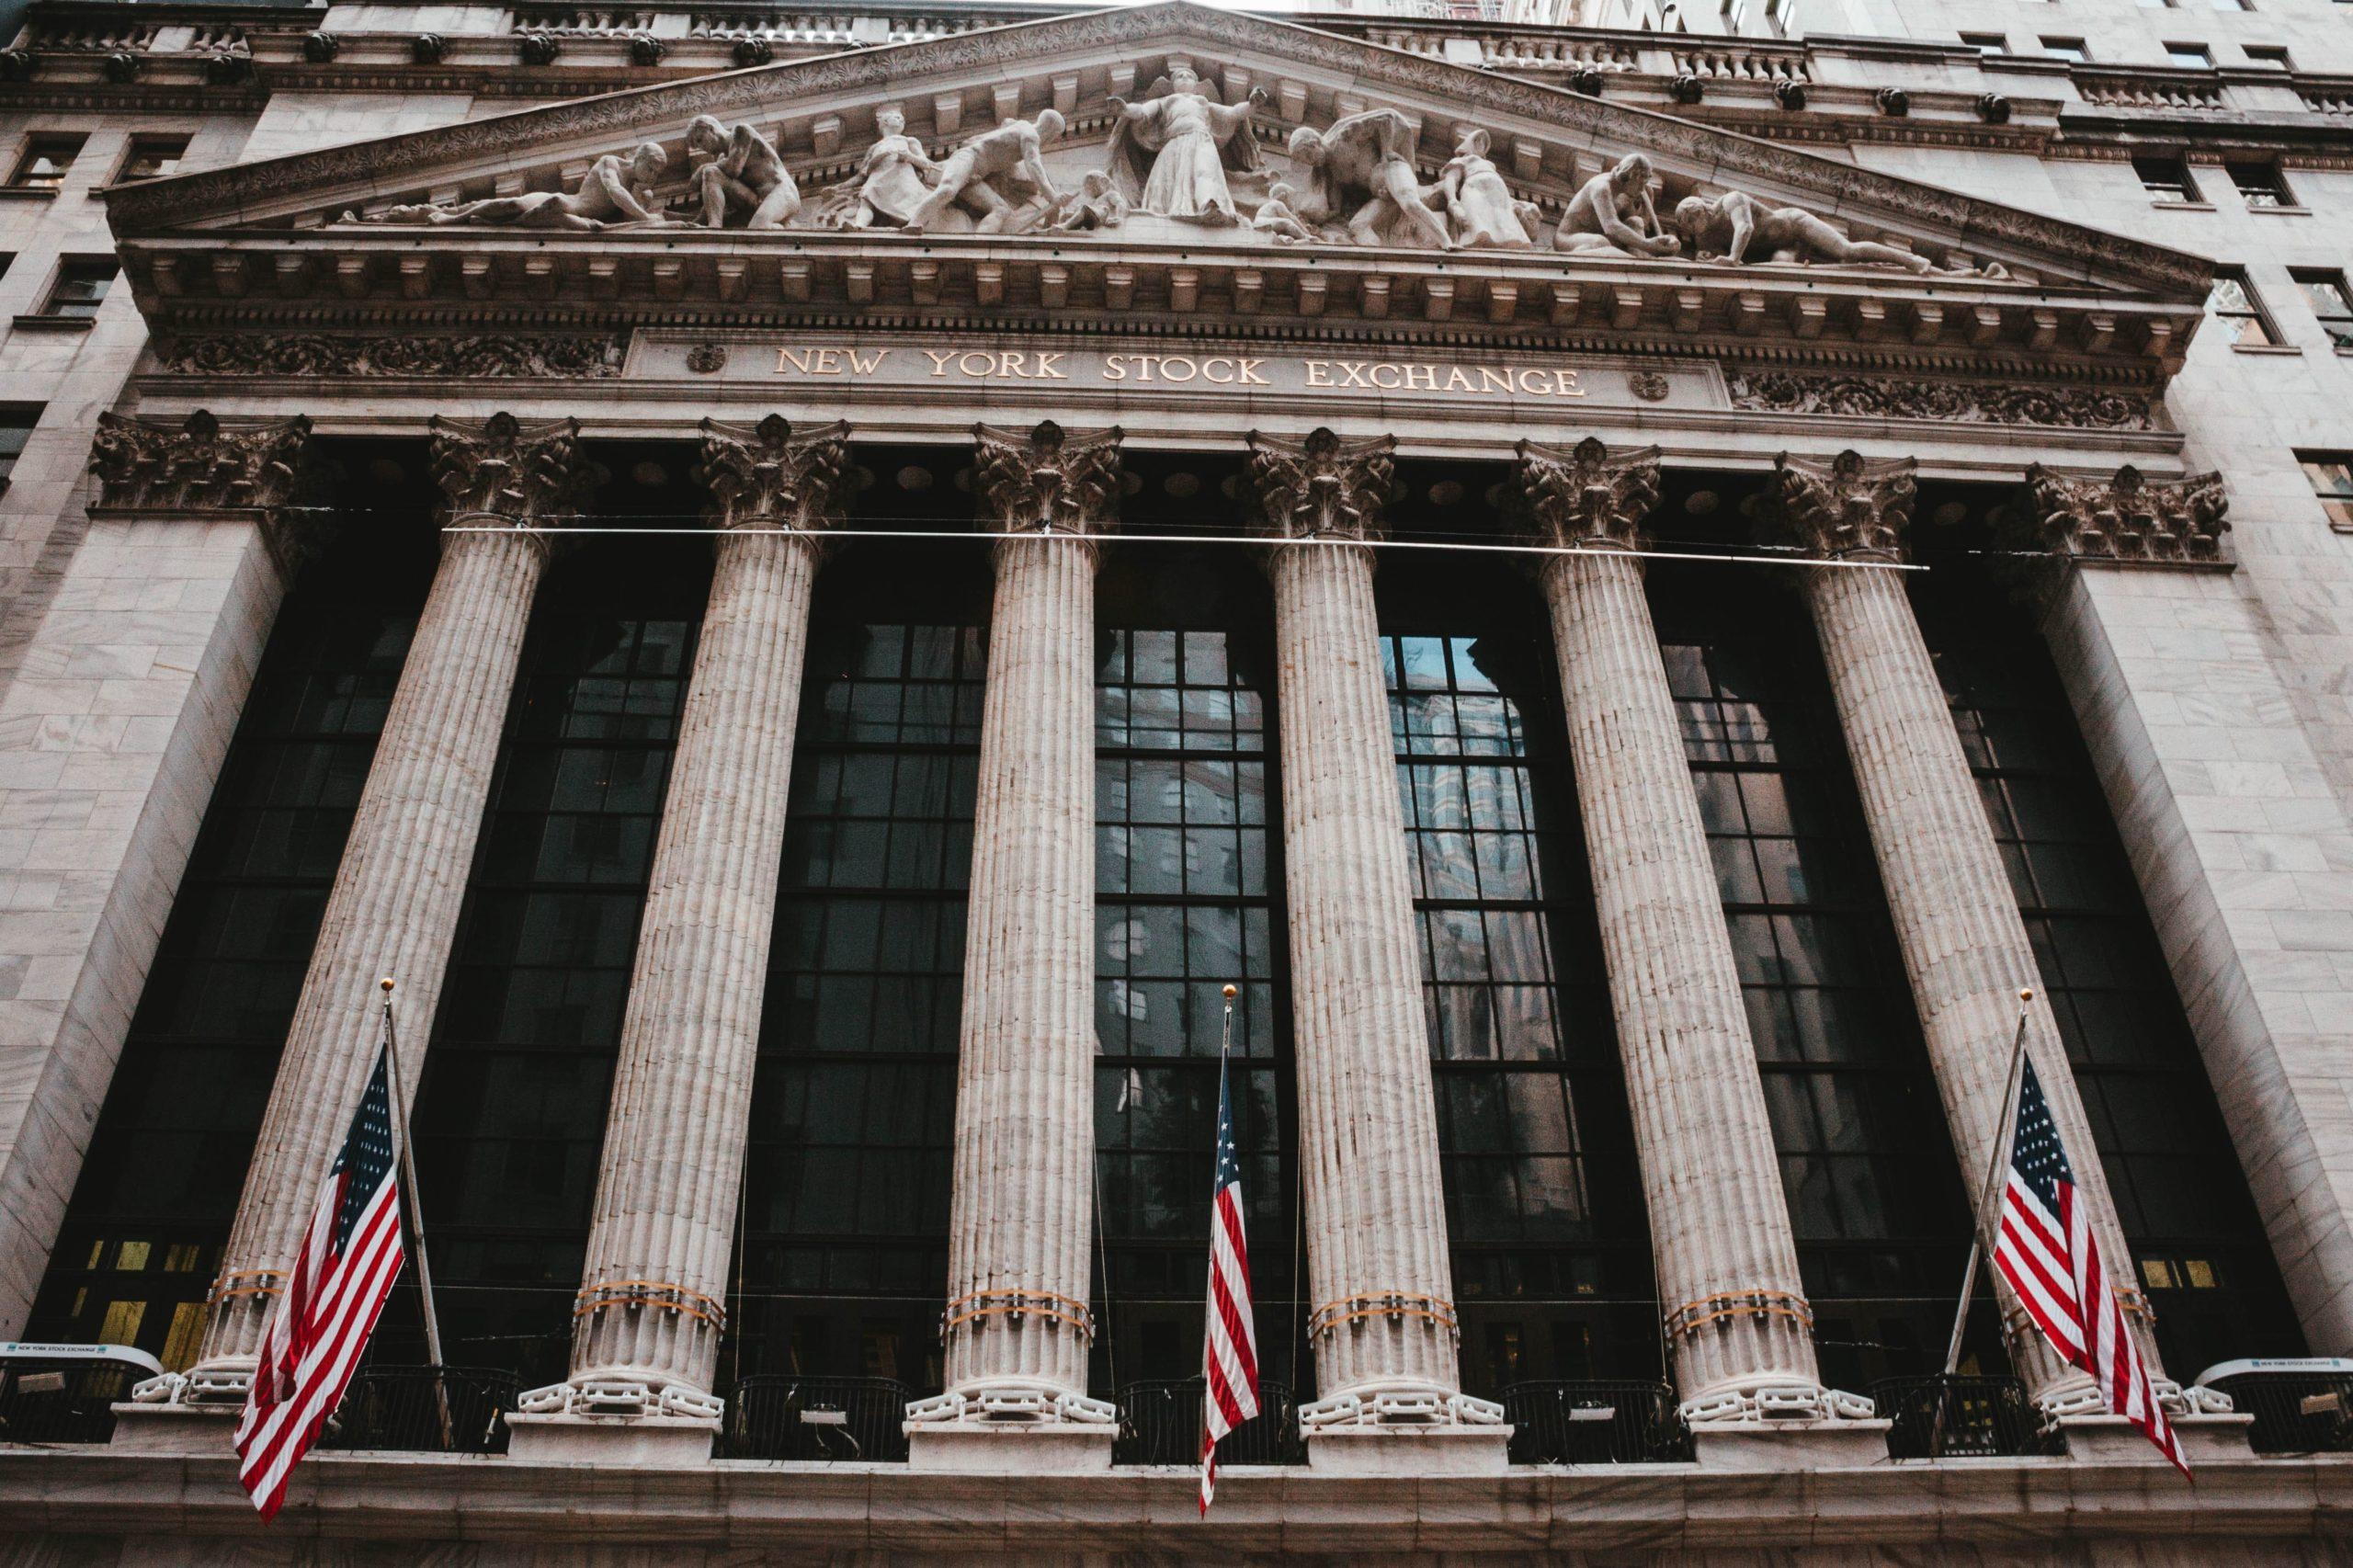 投資における5種類のリスクを解説!はじめての運用で役立つ基礎知識